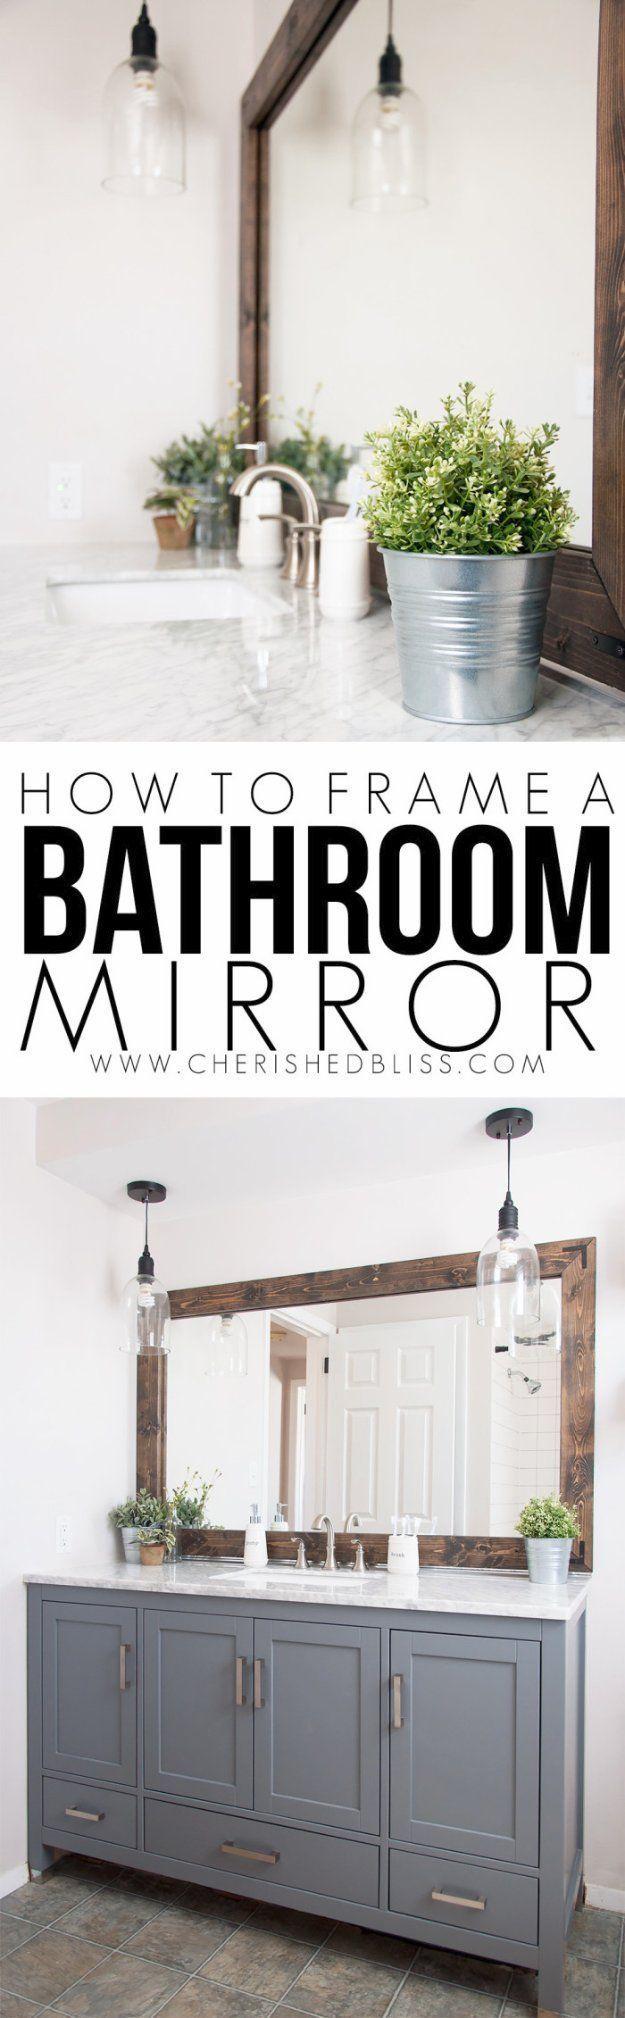 Badezimmer-dekor-sets diy badezimmer dekor ideen u holzrahmen badezimmer spiegel tutorial